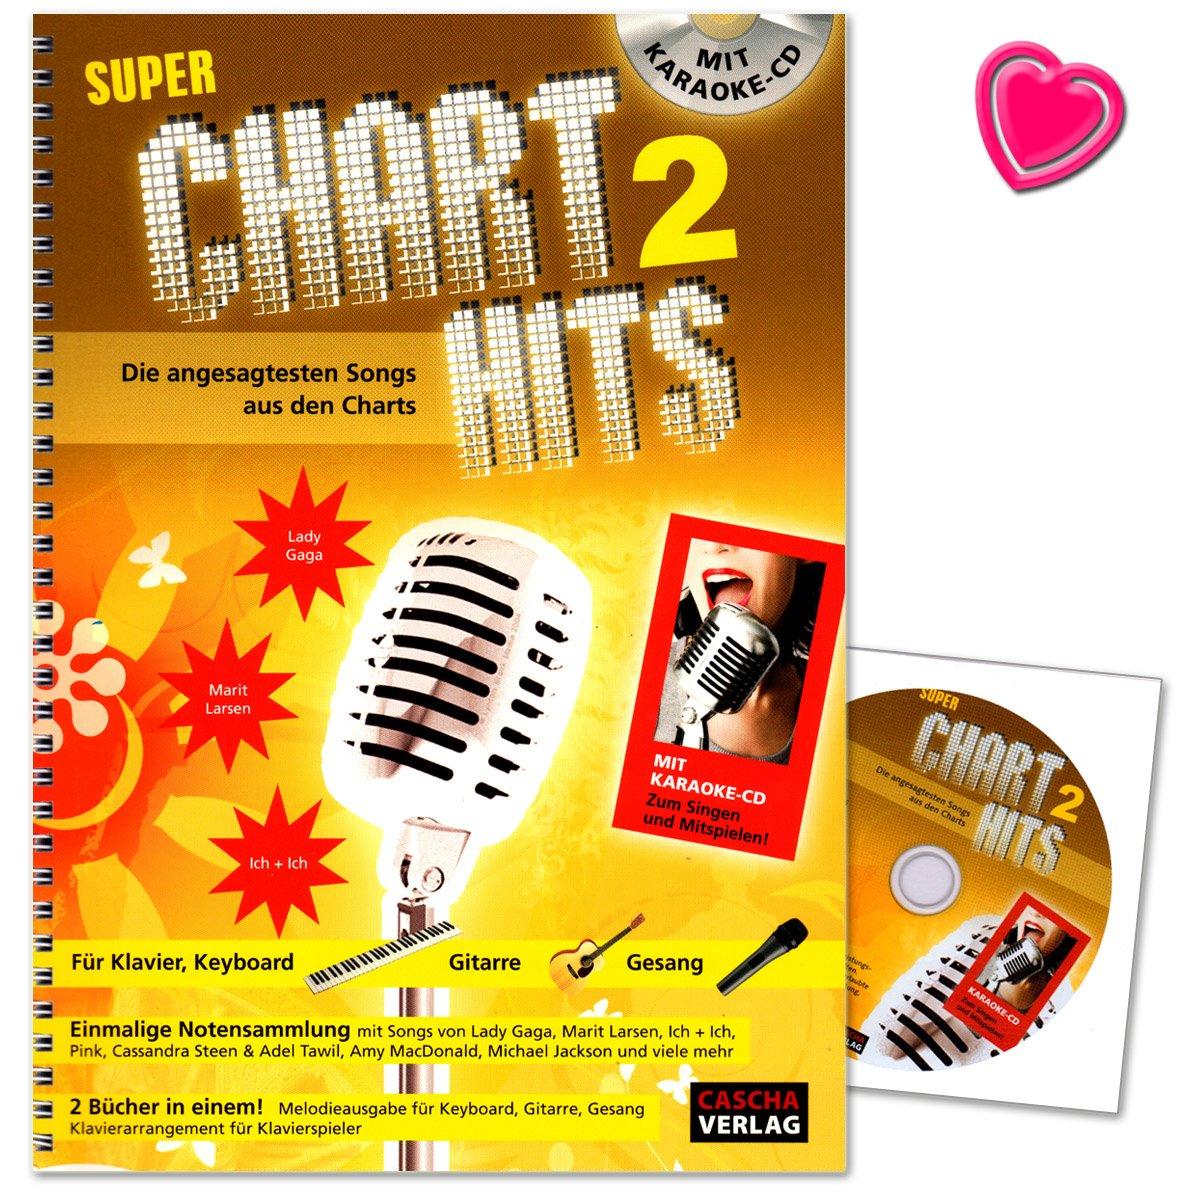 Super Chart Hits 2 – para Piano, Piano digital, teclado, guitarra ...